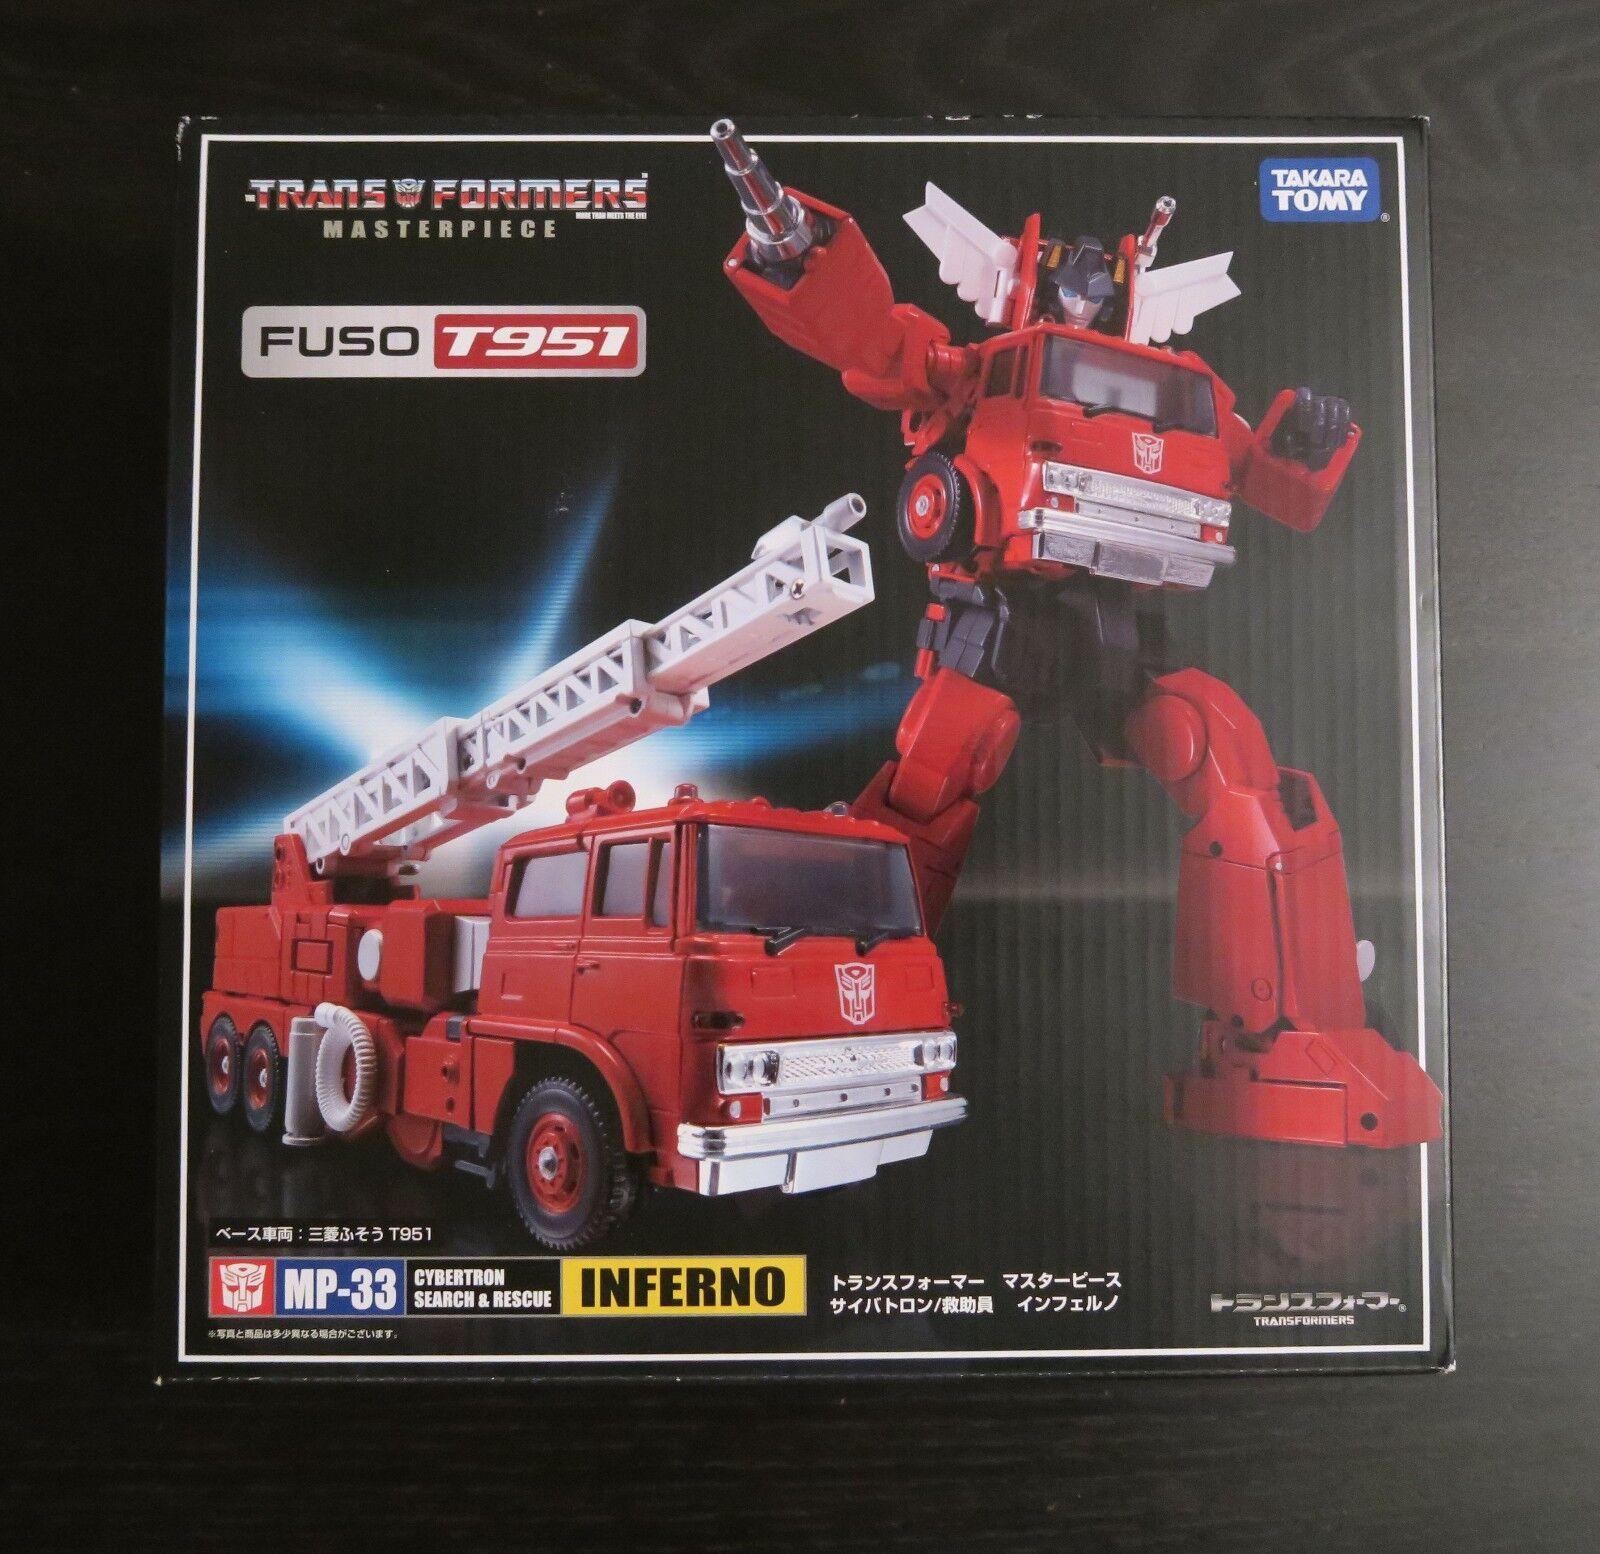 alta calidad Transformers Transformers Transformers Takara Masterpiece MP33 Inferno  las mejores marcas venden barato